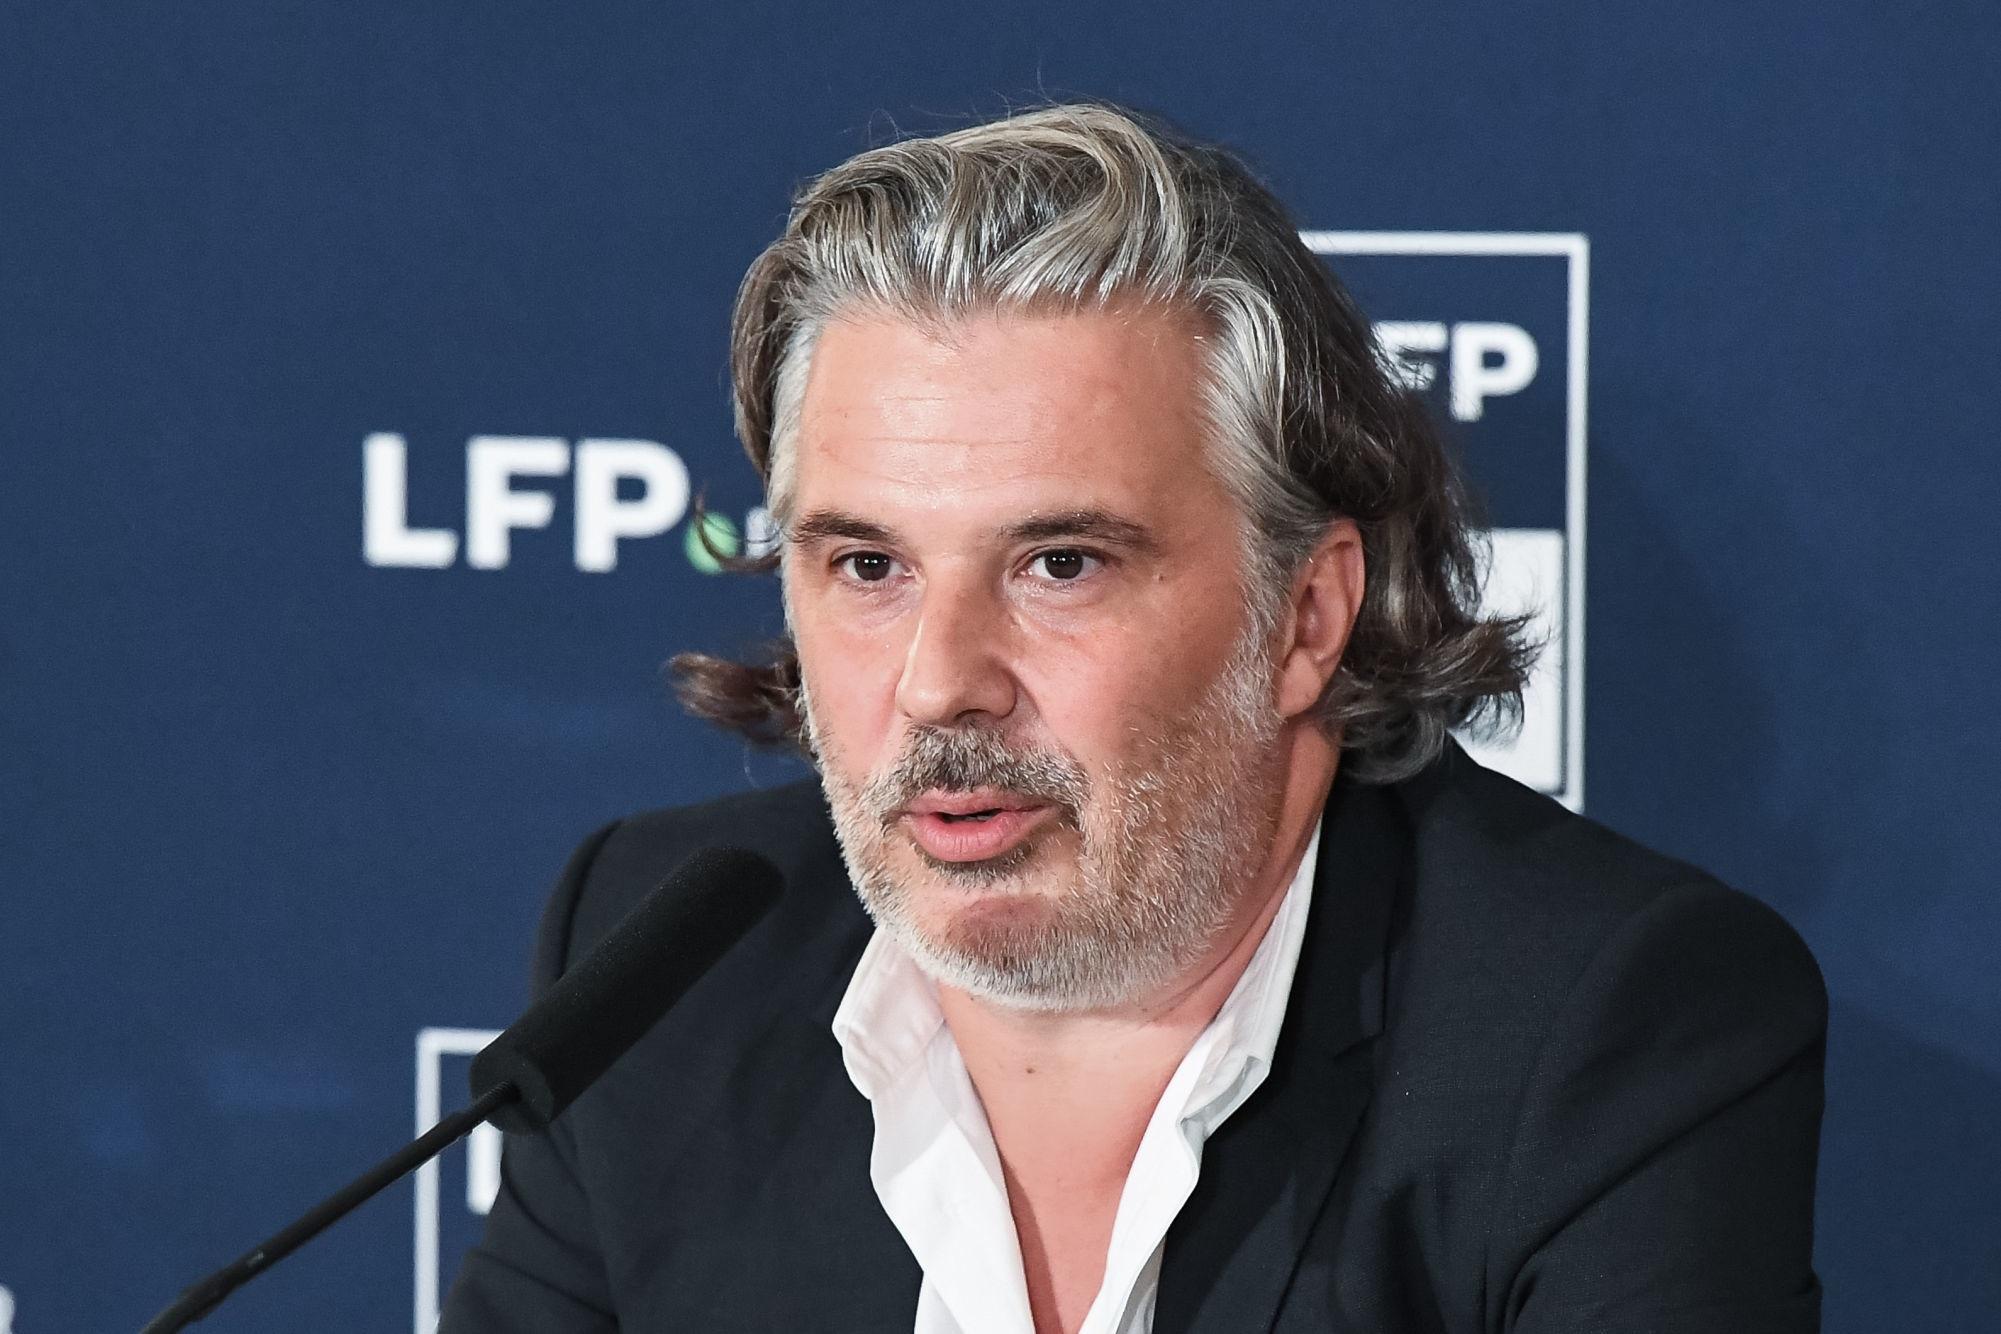 Labrune évoque le problème avec Mediapro et le besoin de progrès de la Ligue 1 en Europe